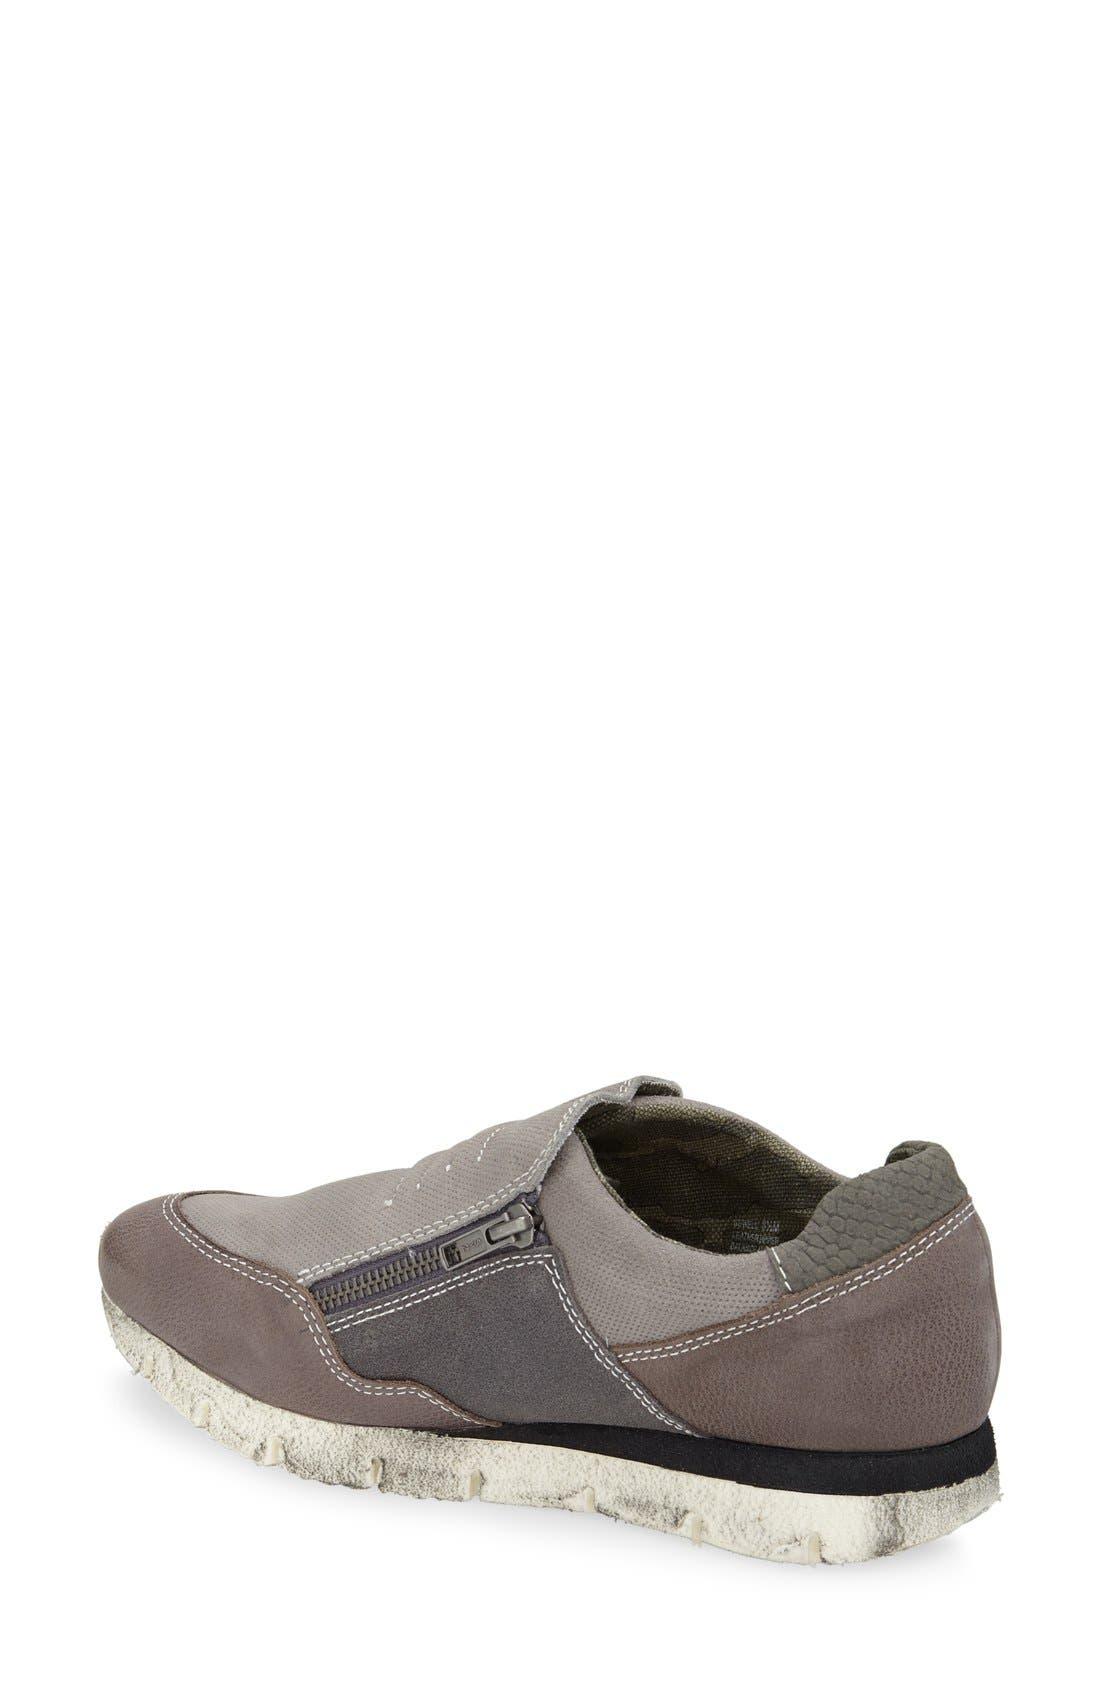 Alternate Image 2  - OTBT'Sewell' Sneaker (Women)